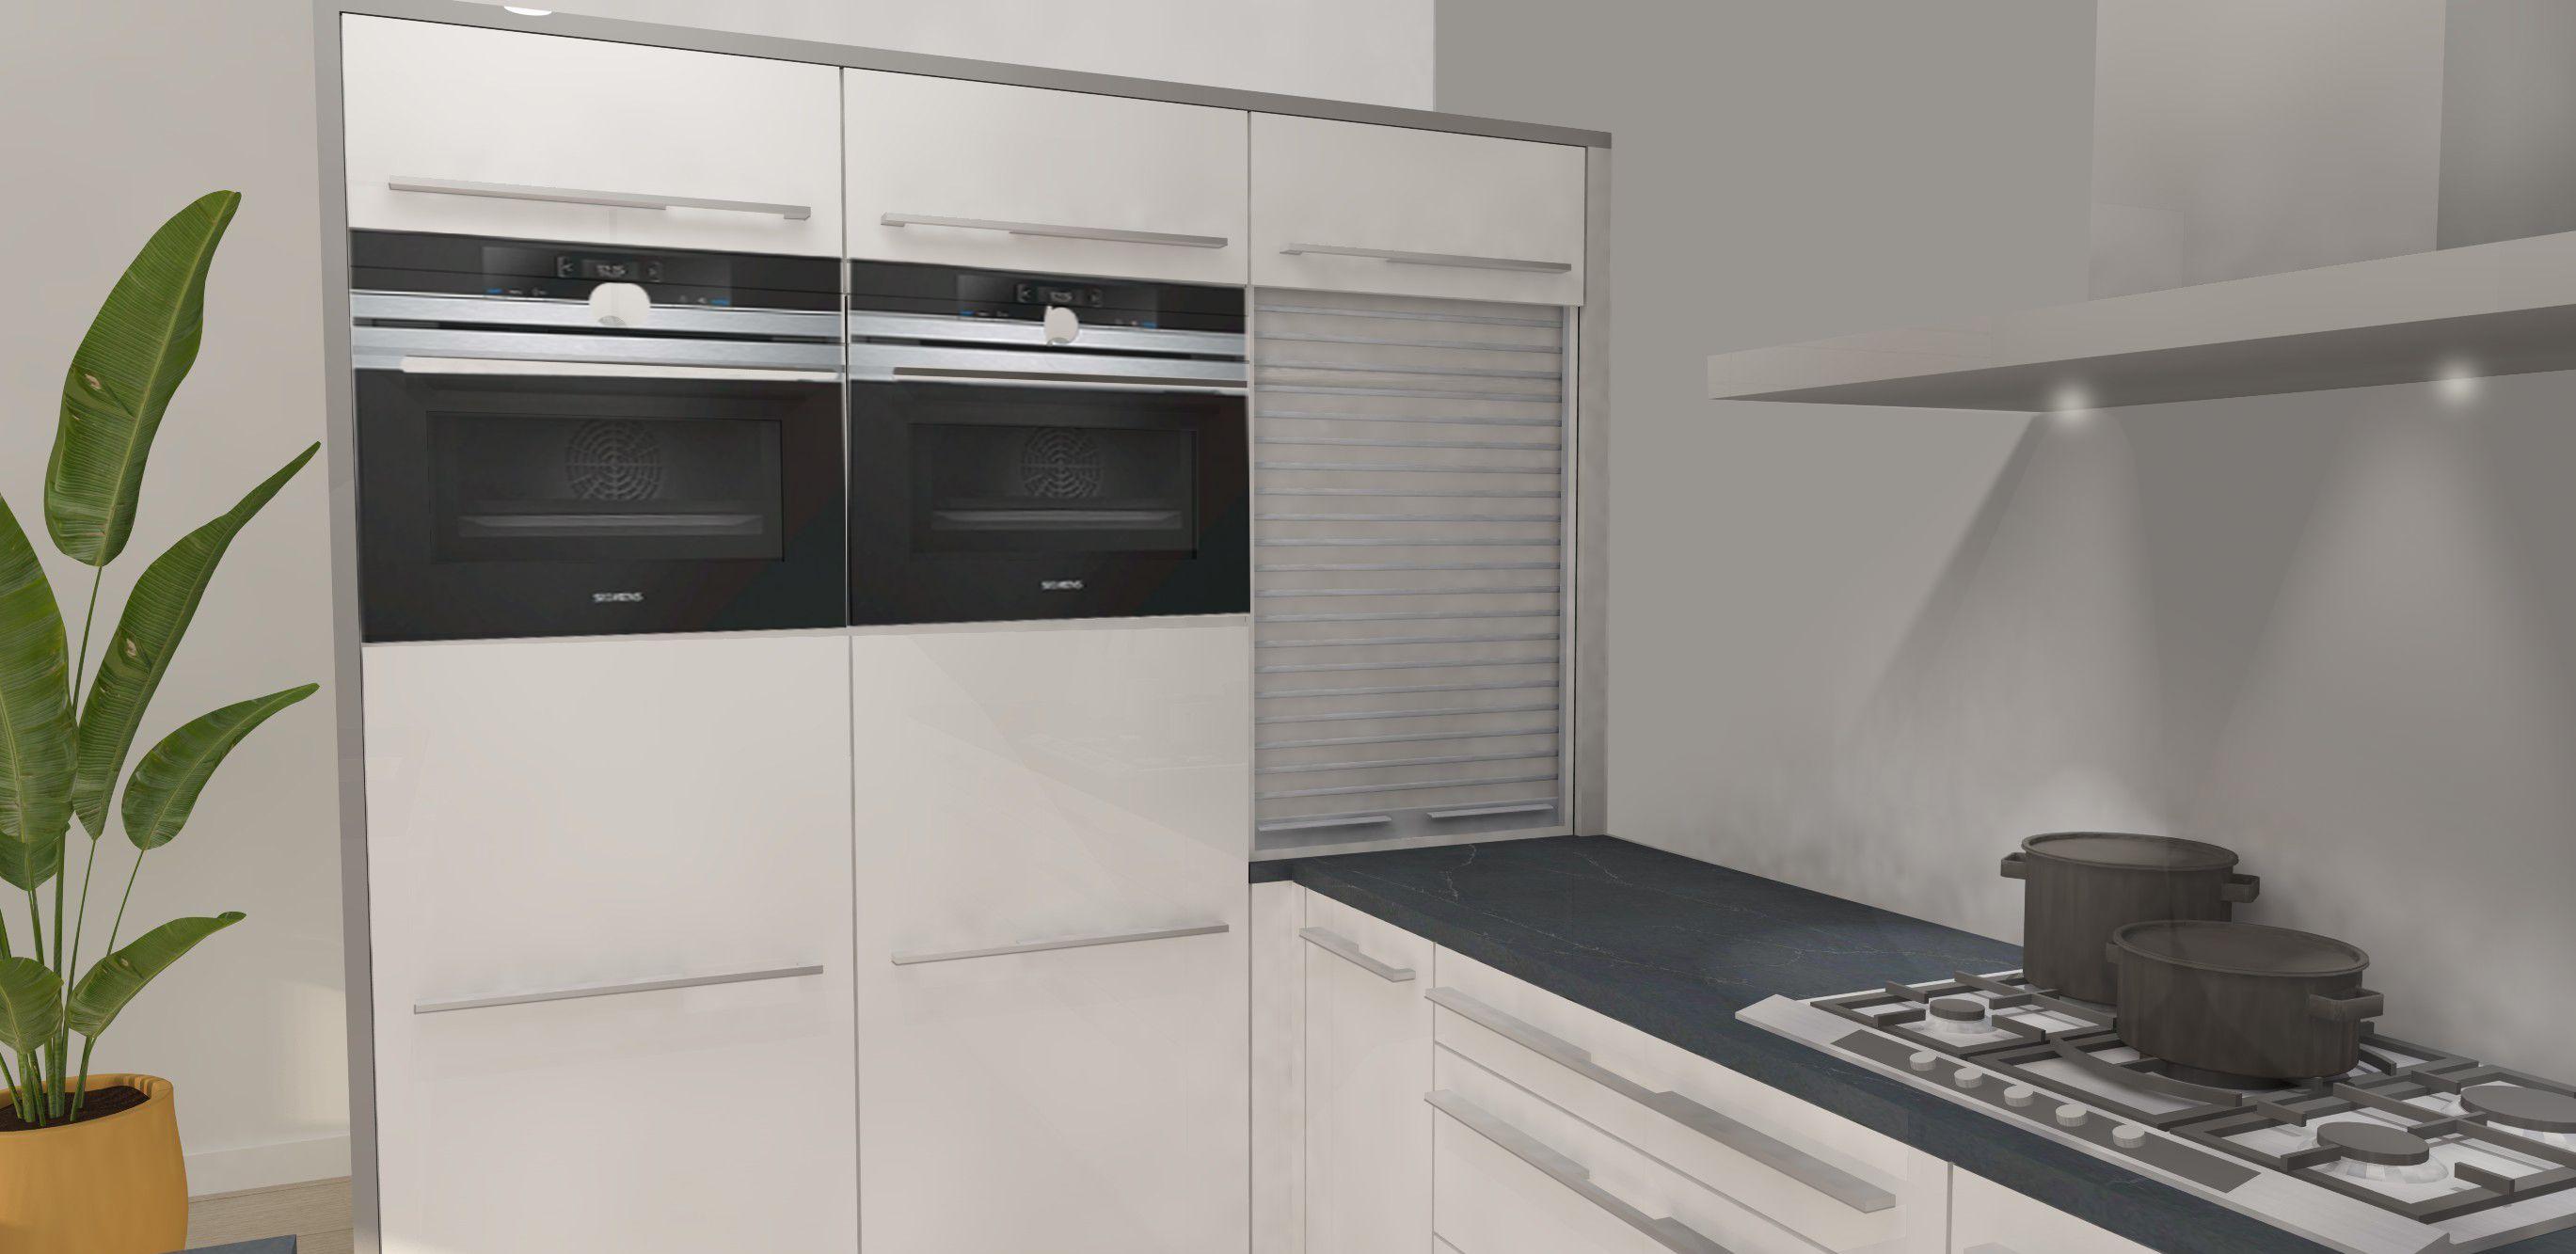 Volledig nieuwe SieMatic keuken met eiland